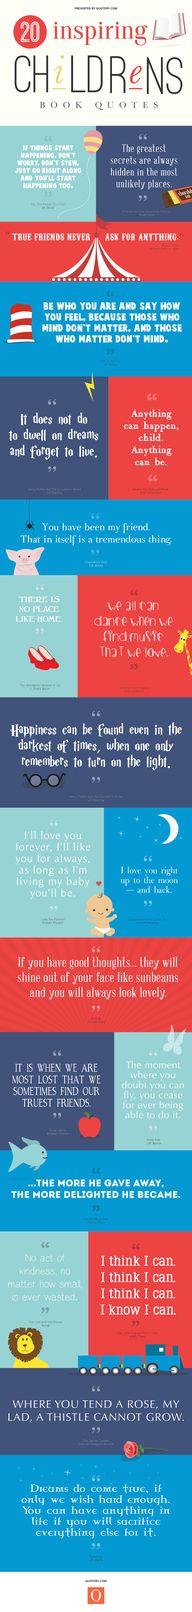 LOVELY! ⇢ 20 inspiri